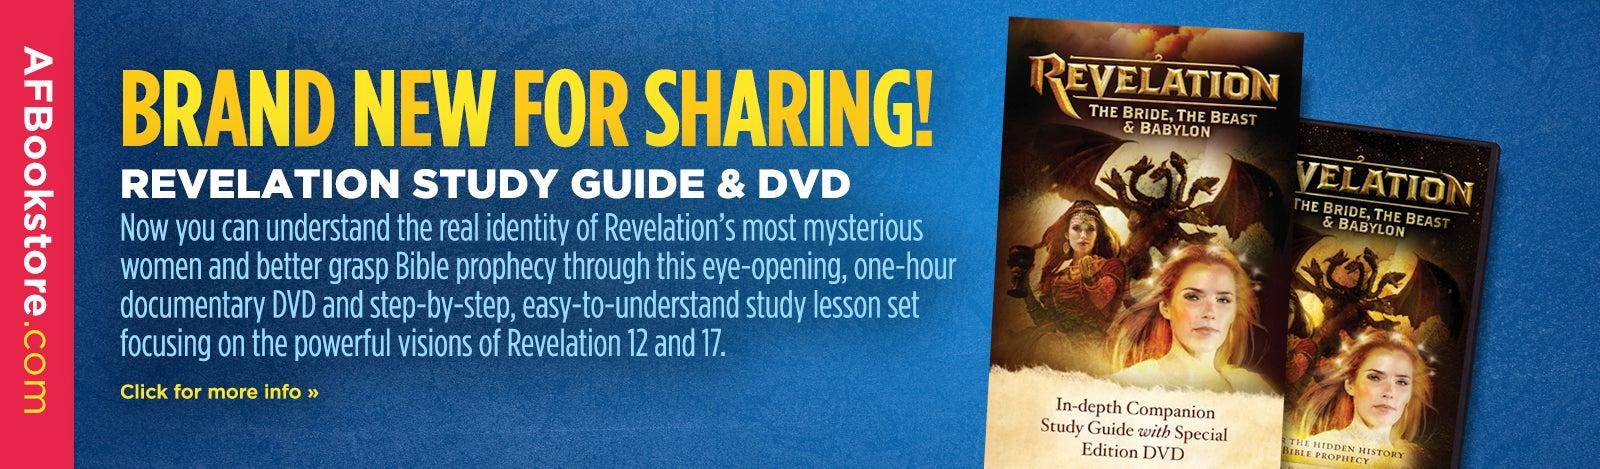 Revelation DVD